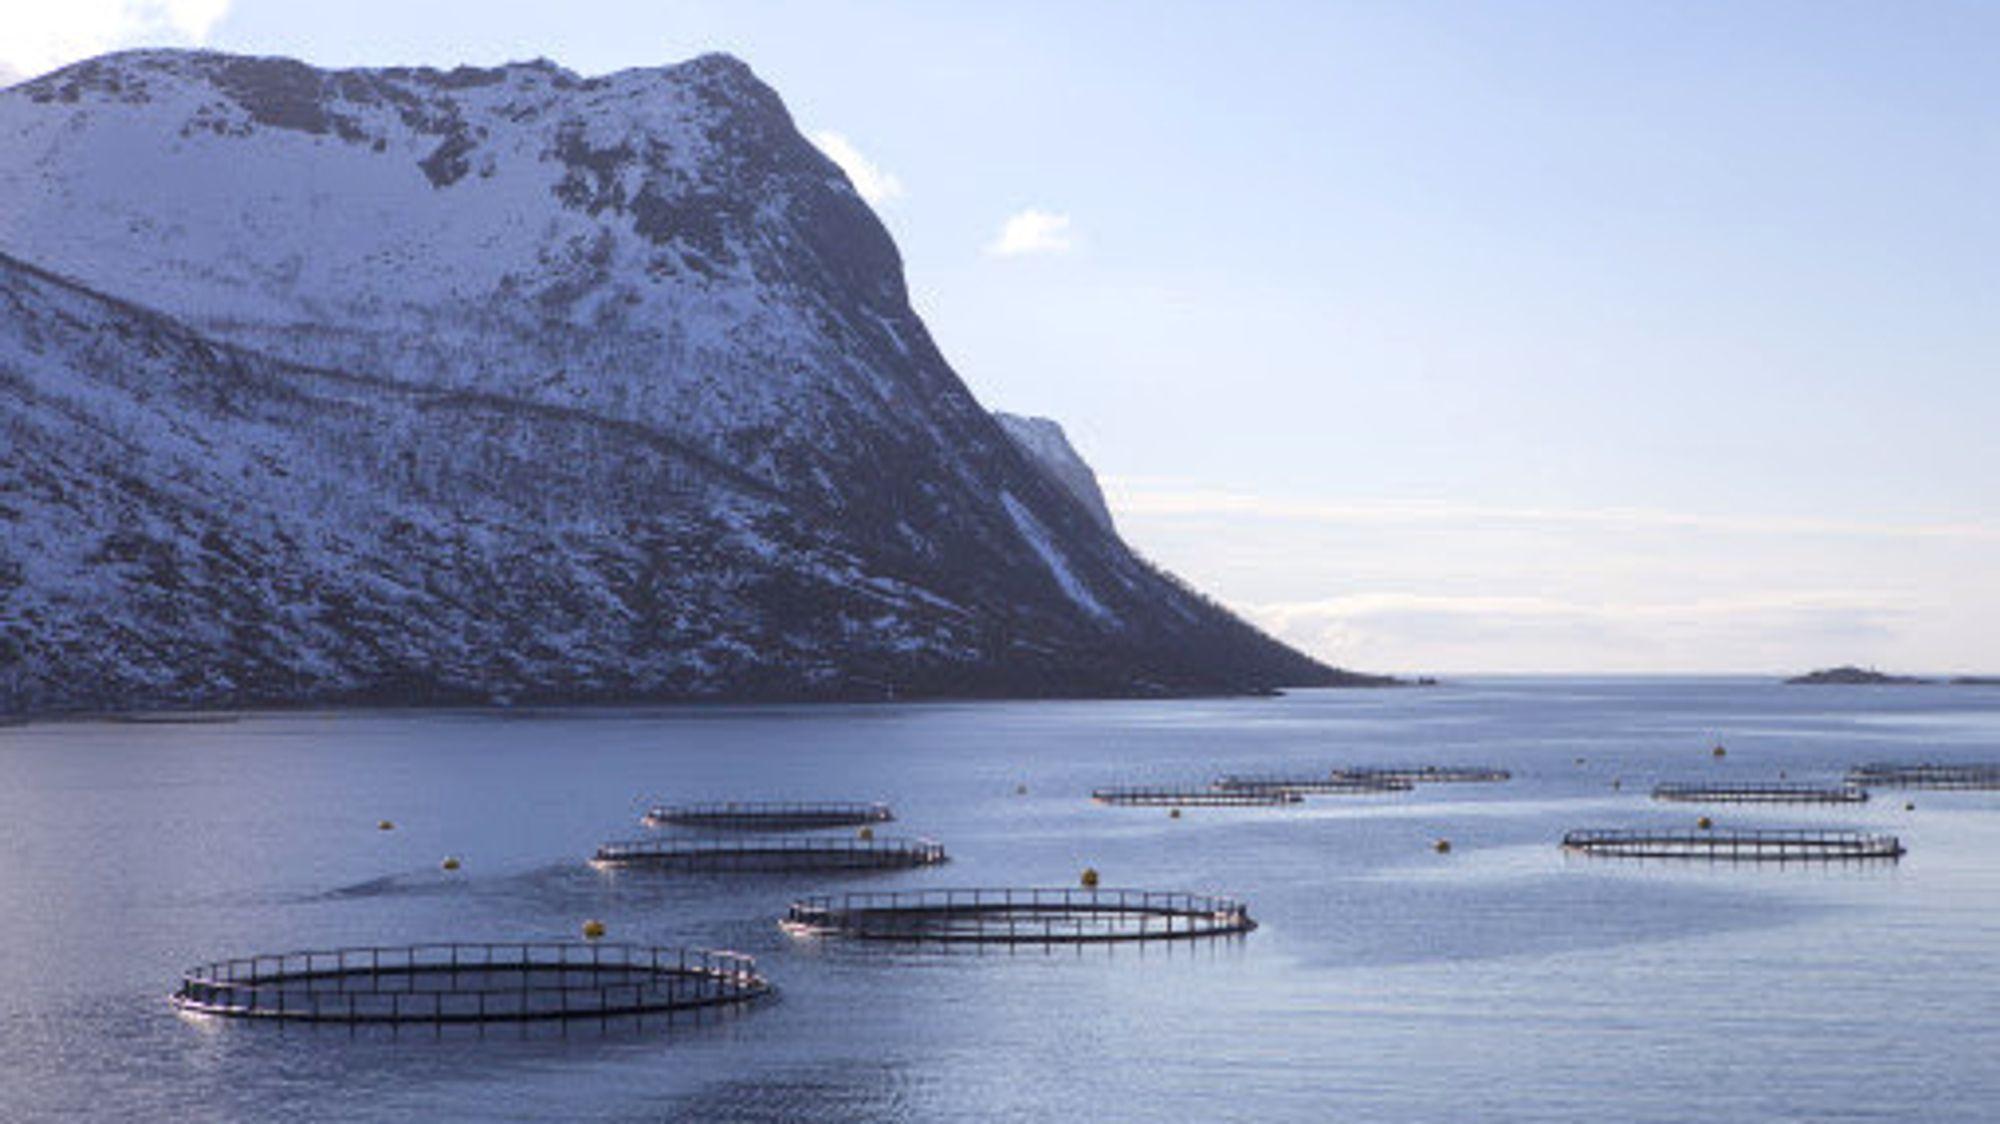 •Marine næringsparker vil gi nye muligheter for samhandling til havs og la oss utnytte arealer og ressurser bedre, samtidig som andre områder frigis til andre aktiviteter, skriver artikkelforfatterne.